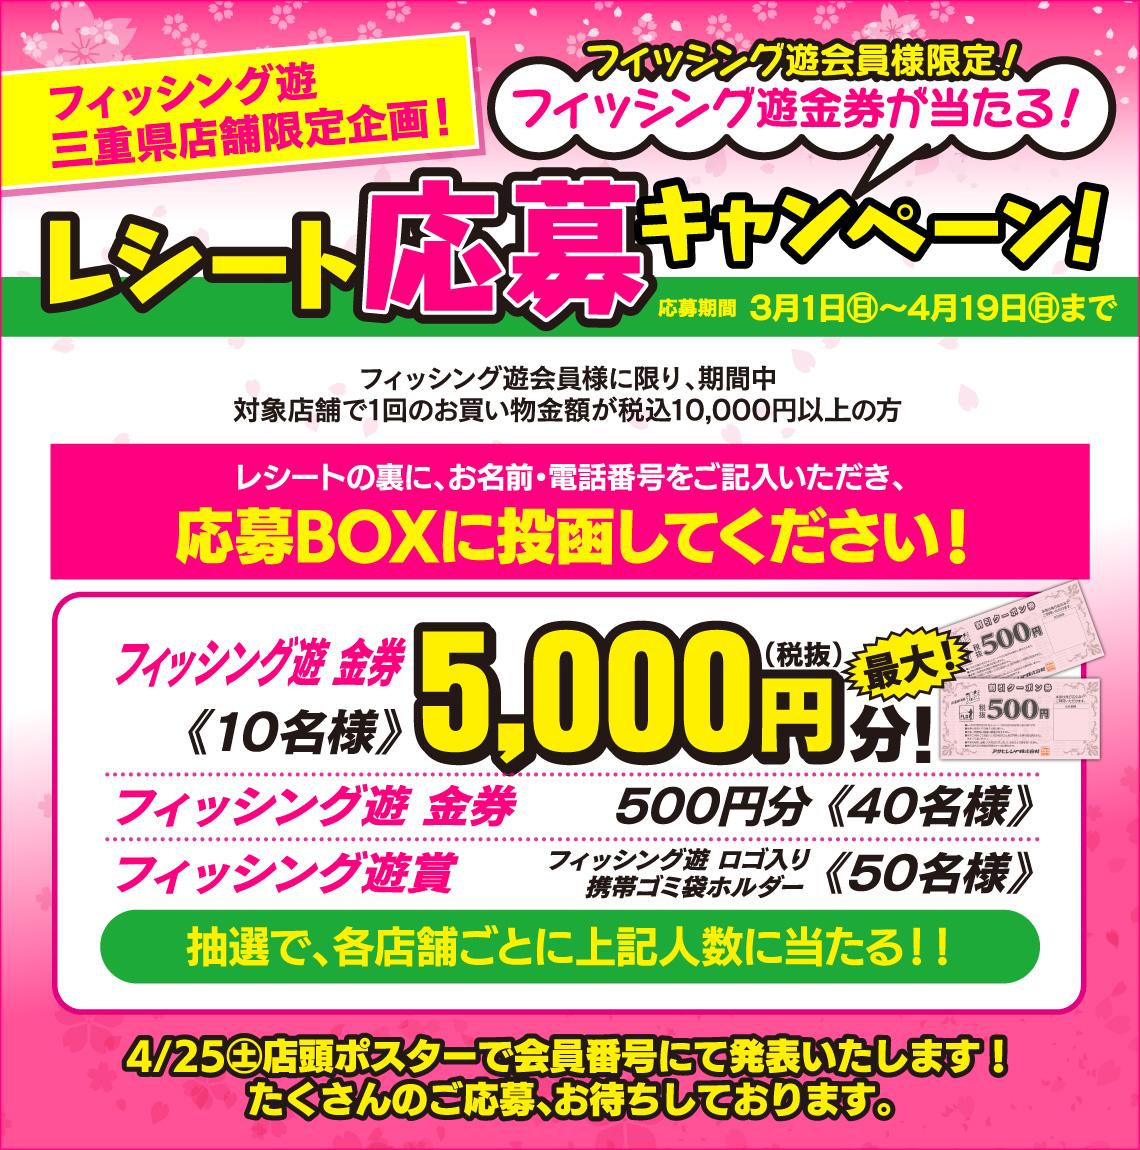 三重県店舗限定企画「レシート応募キャンペーン」